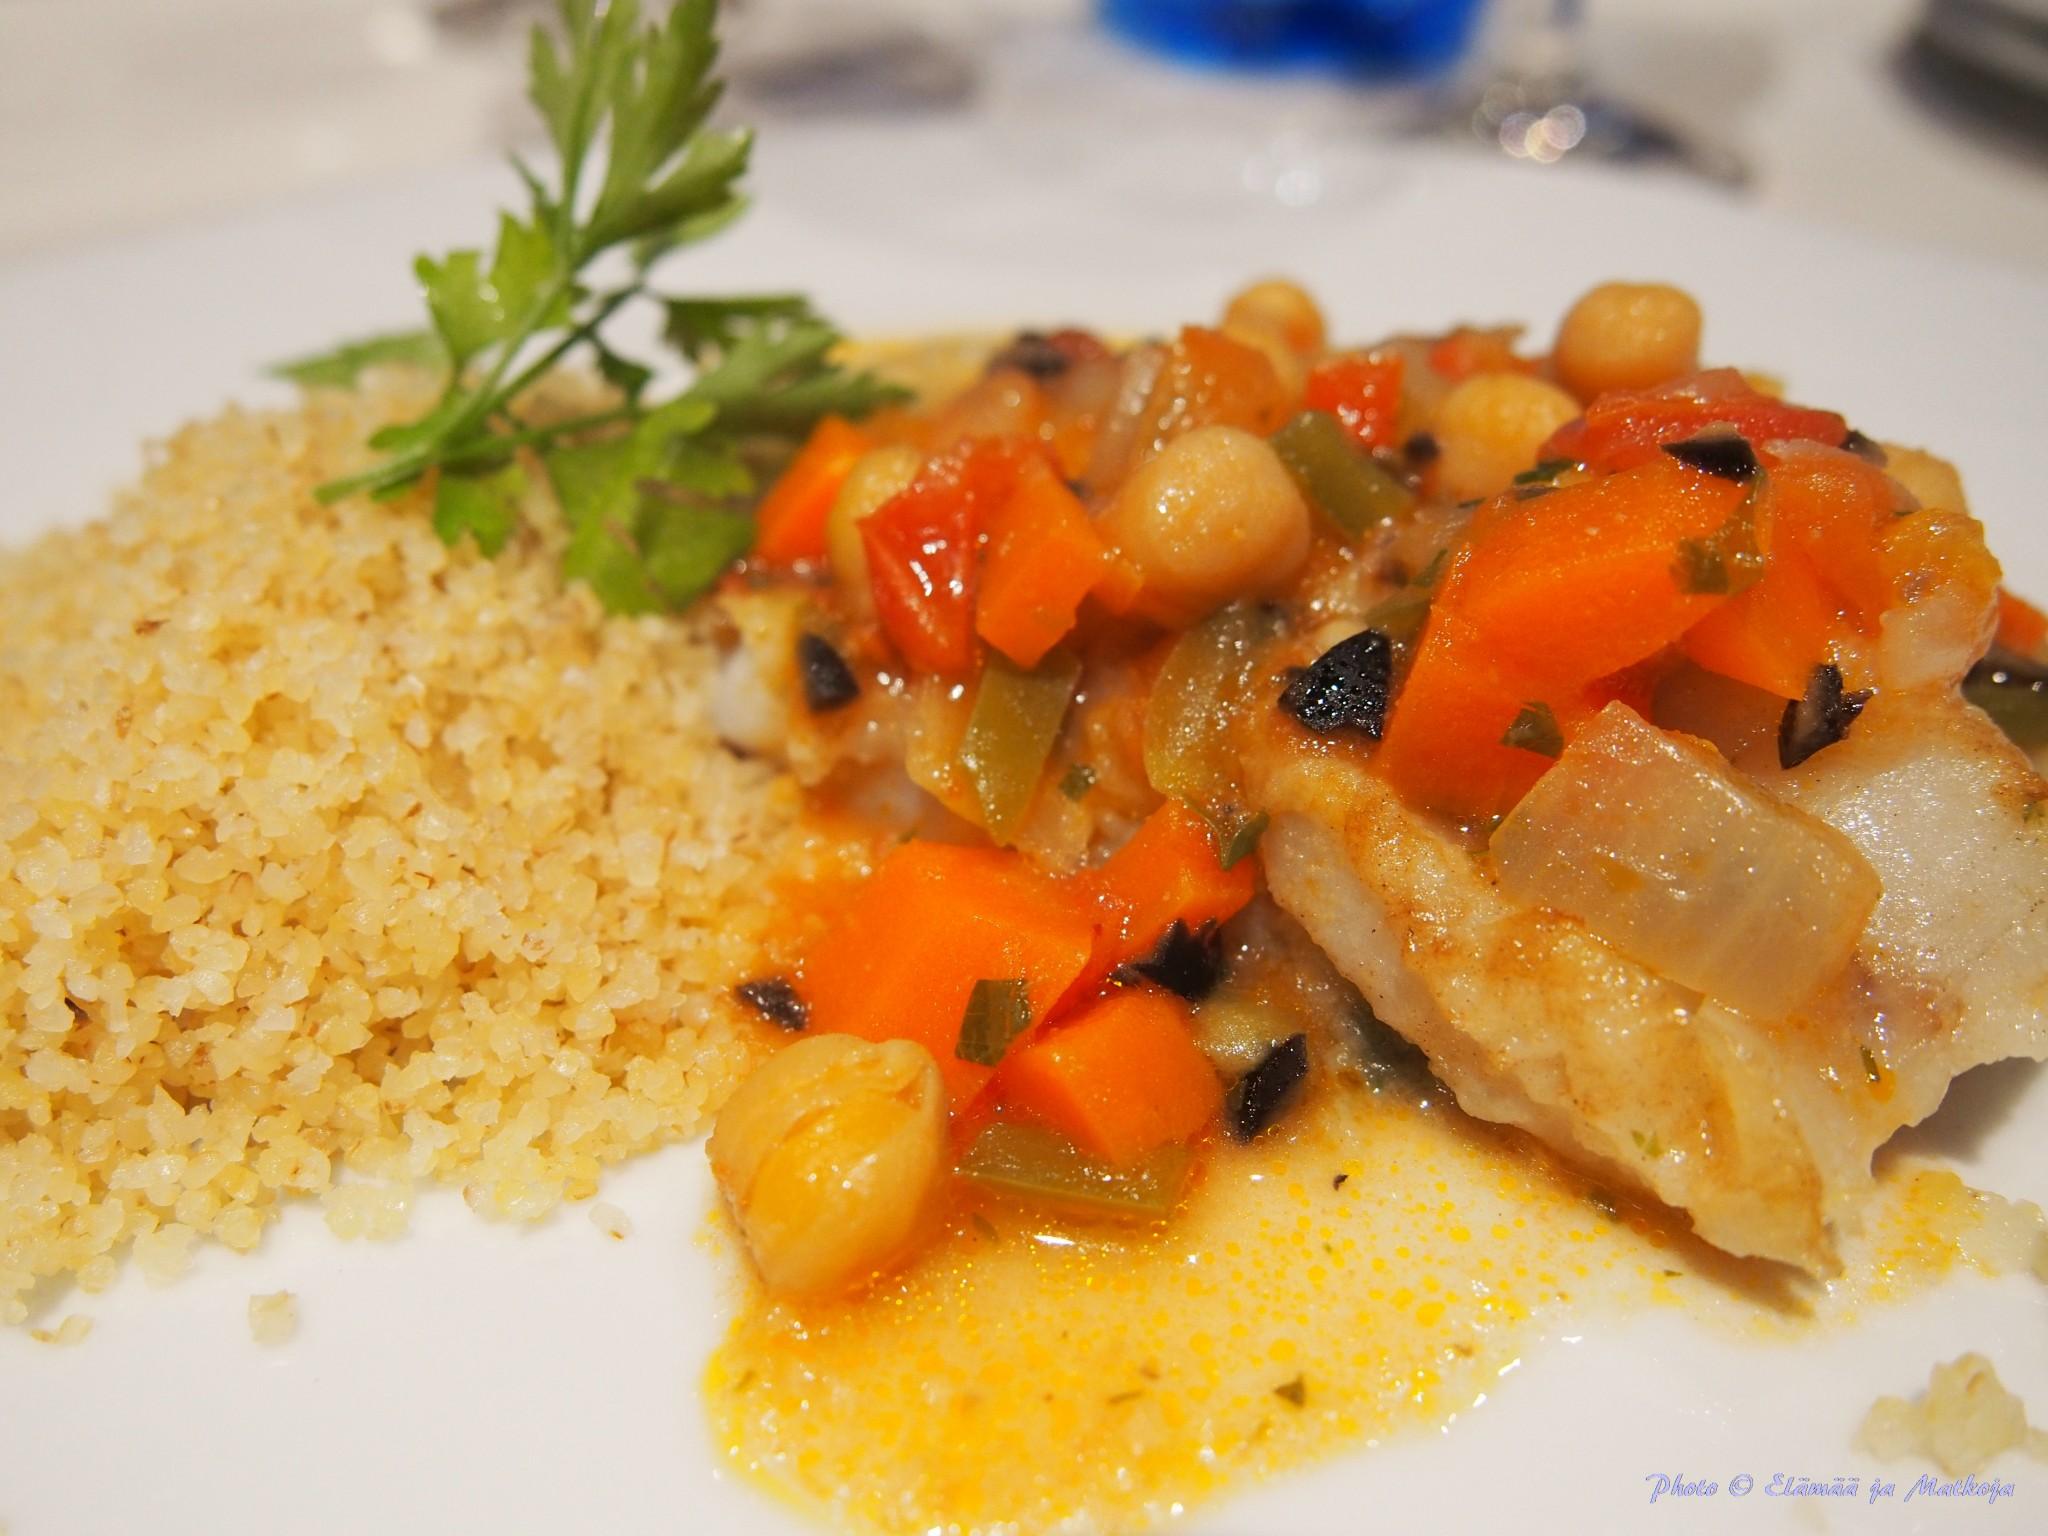 Pääruuaksi päivän kala-annos: Fish stew essaouira style